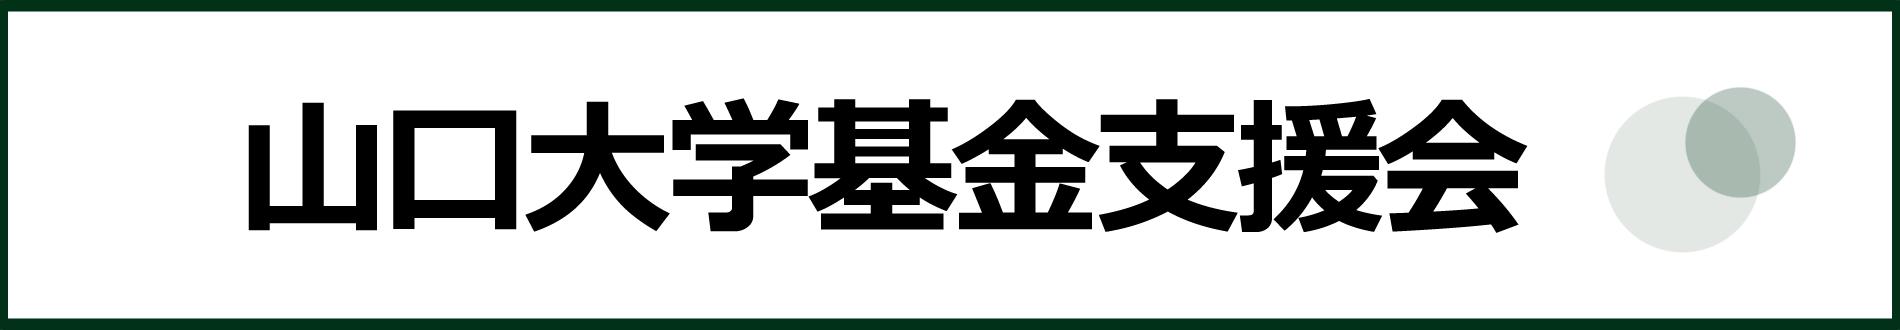 山口大学基金支援会